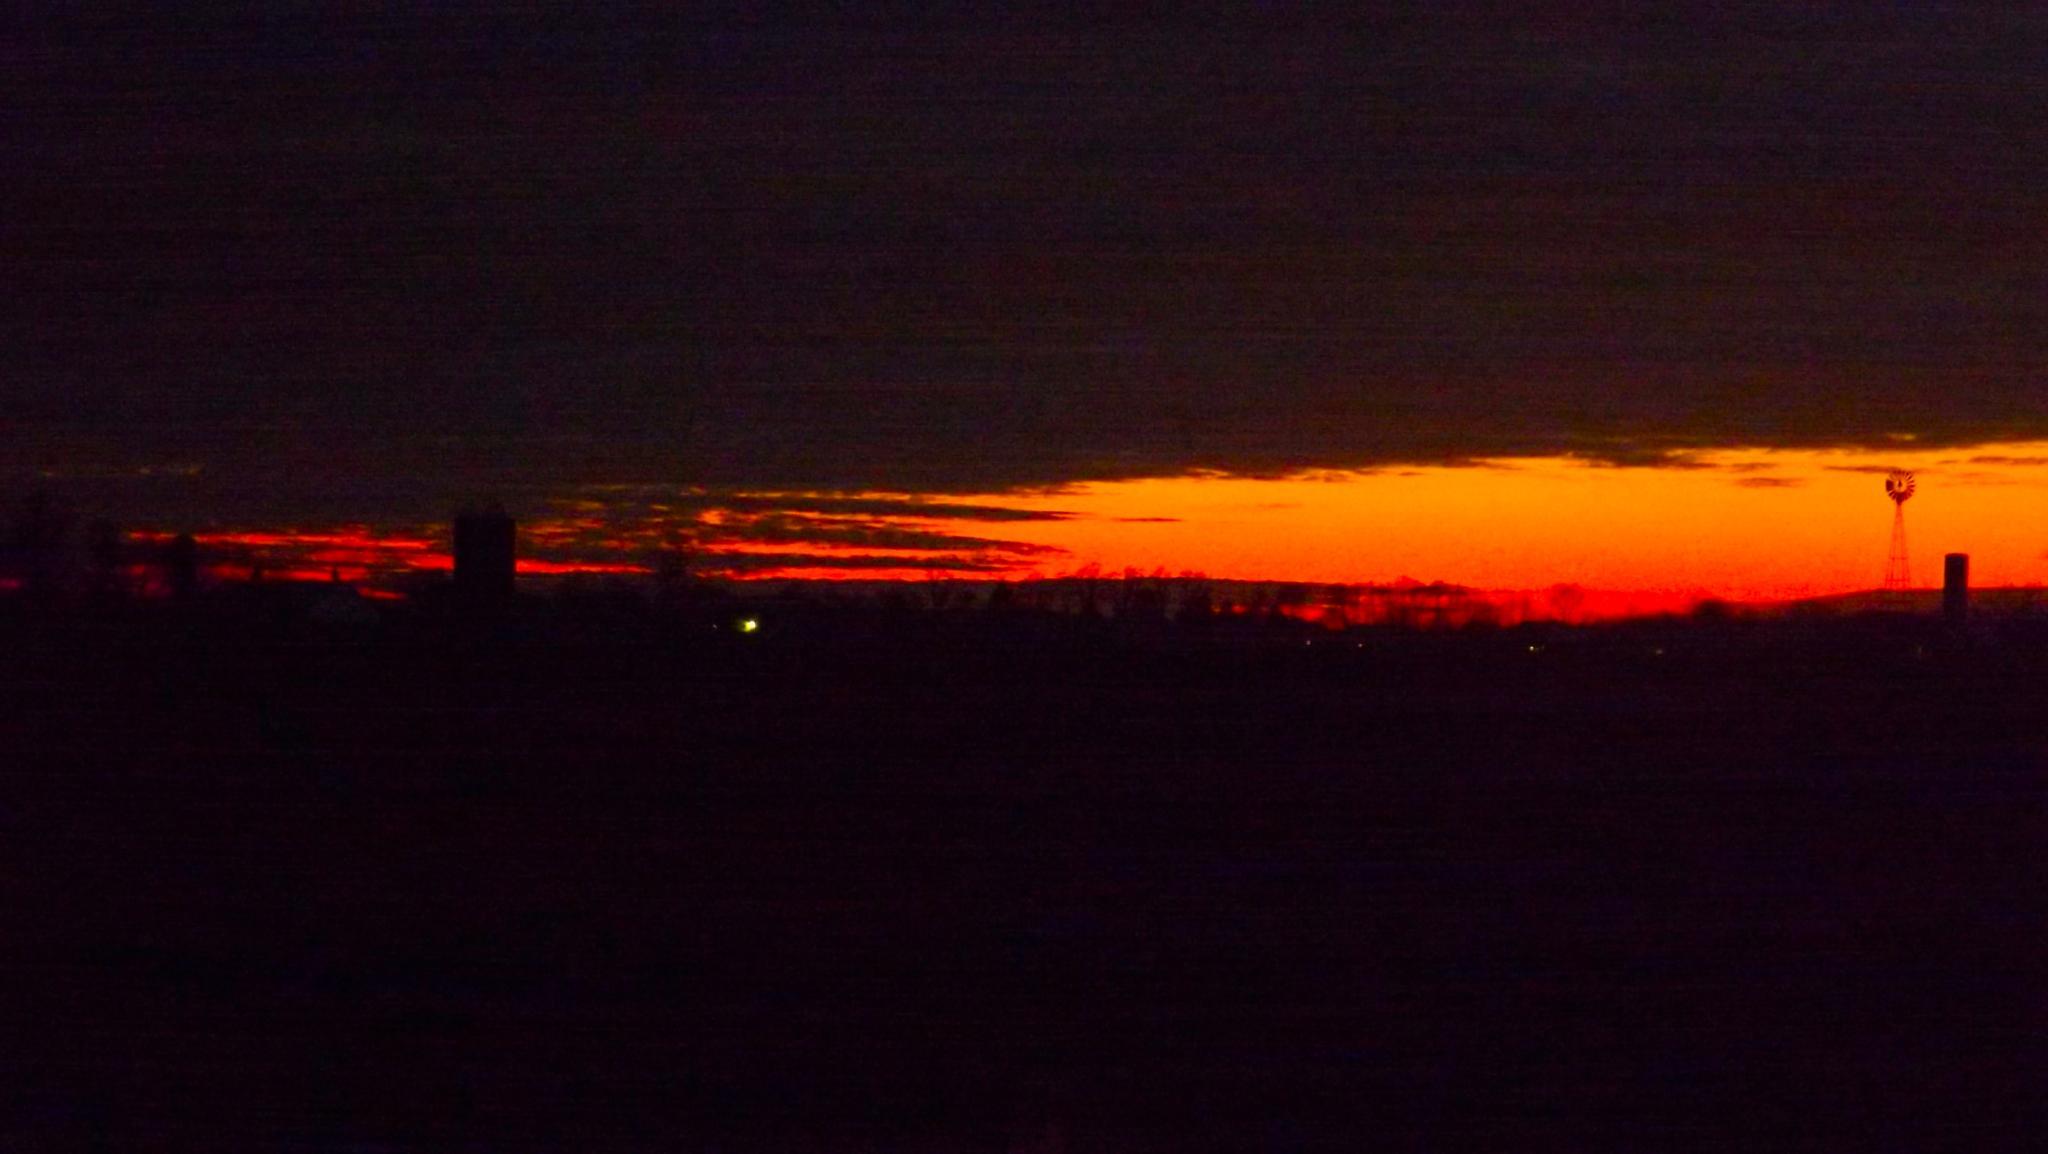 Sunset on the Farm by ccbarron1